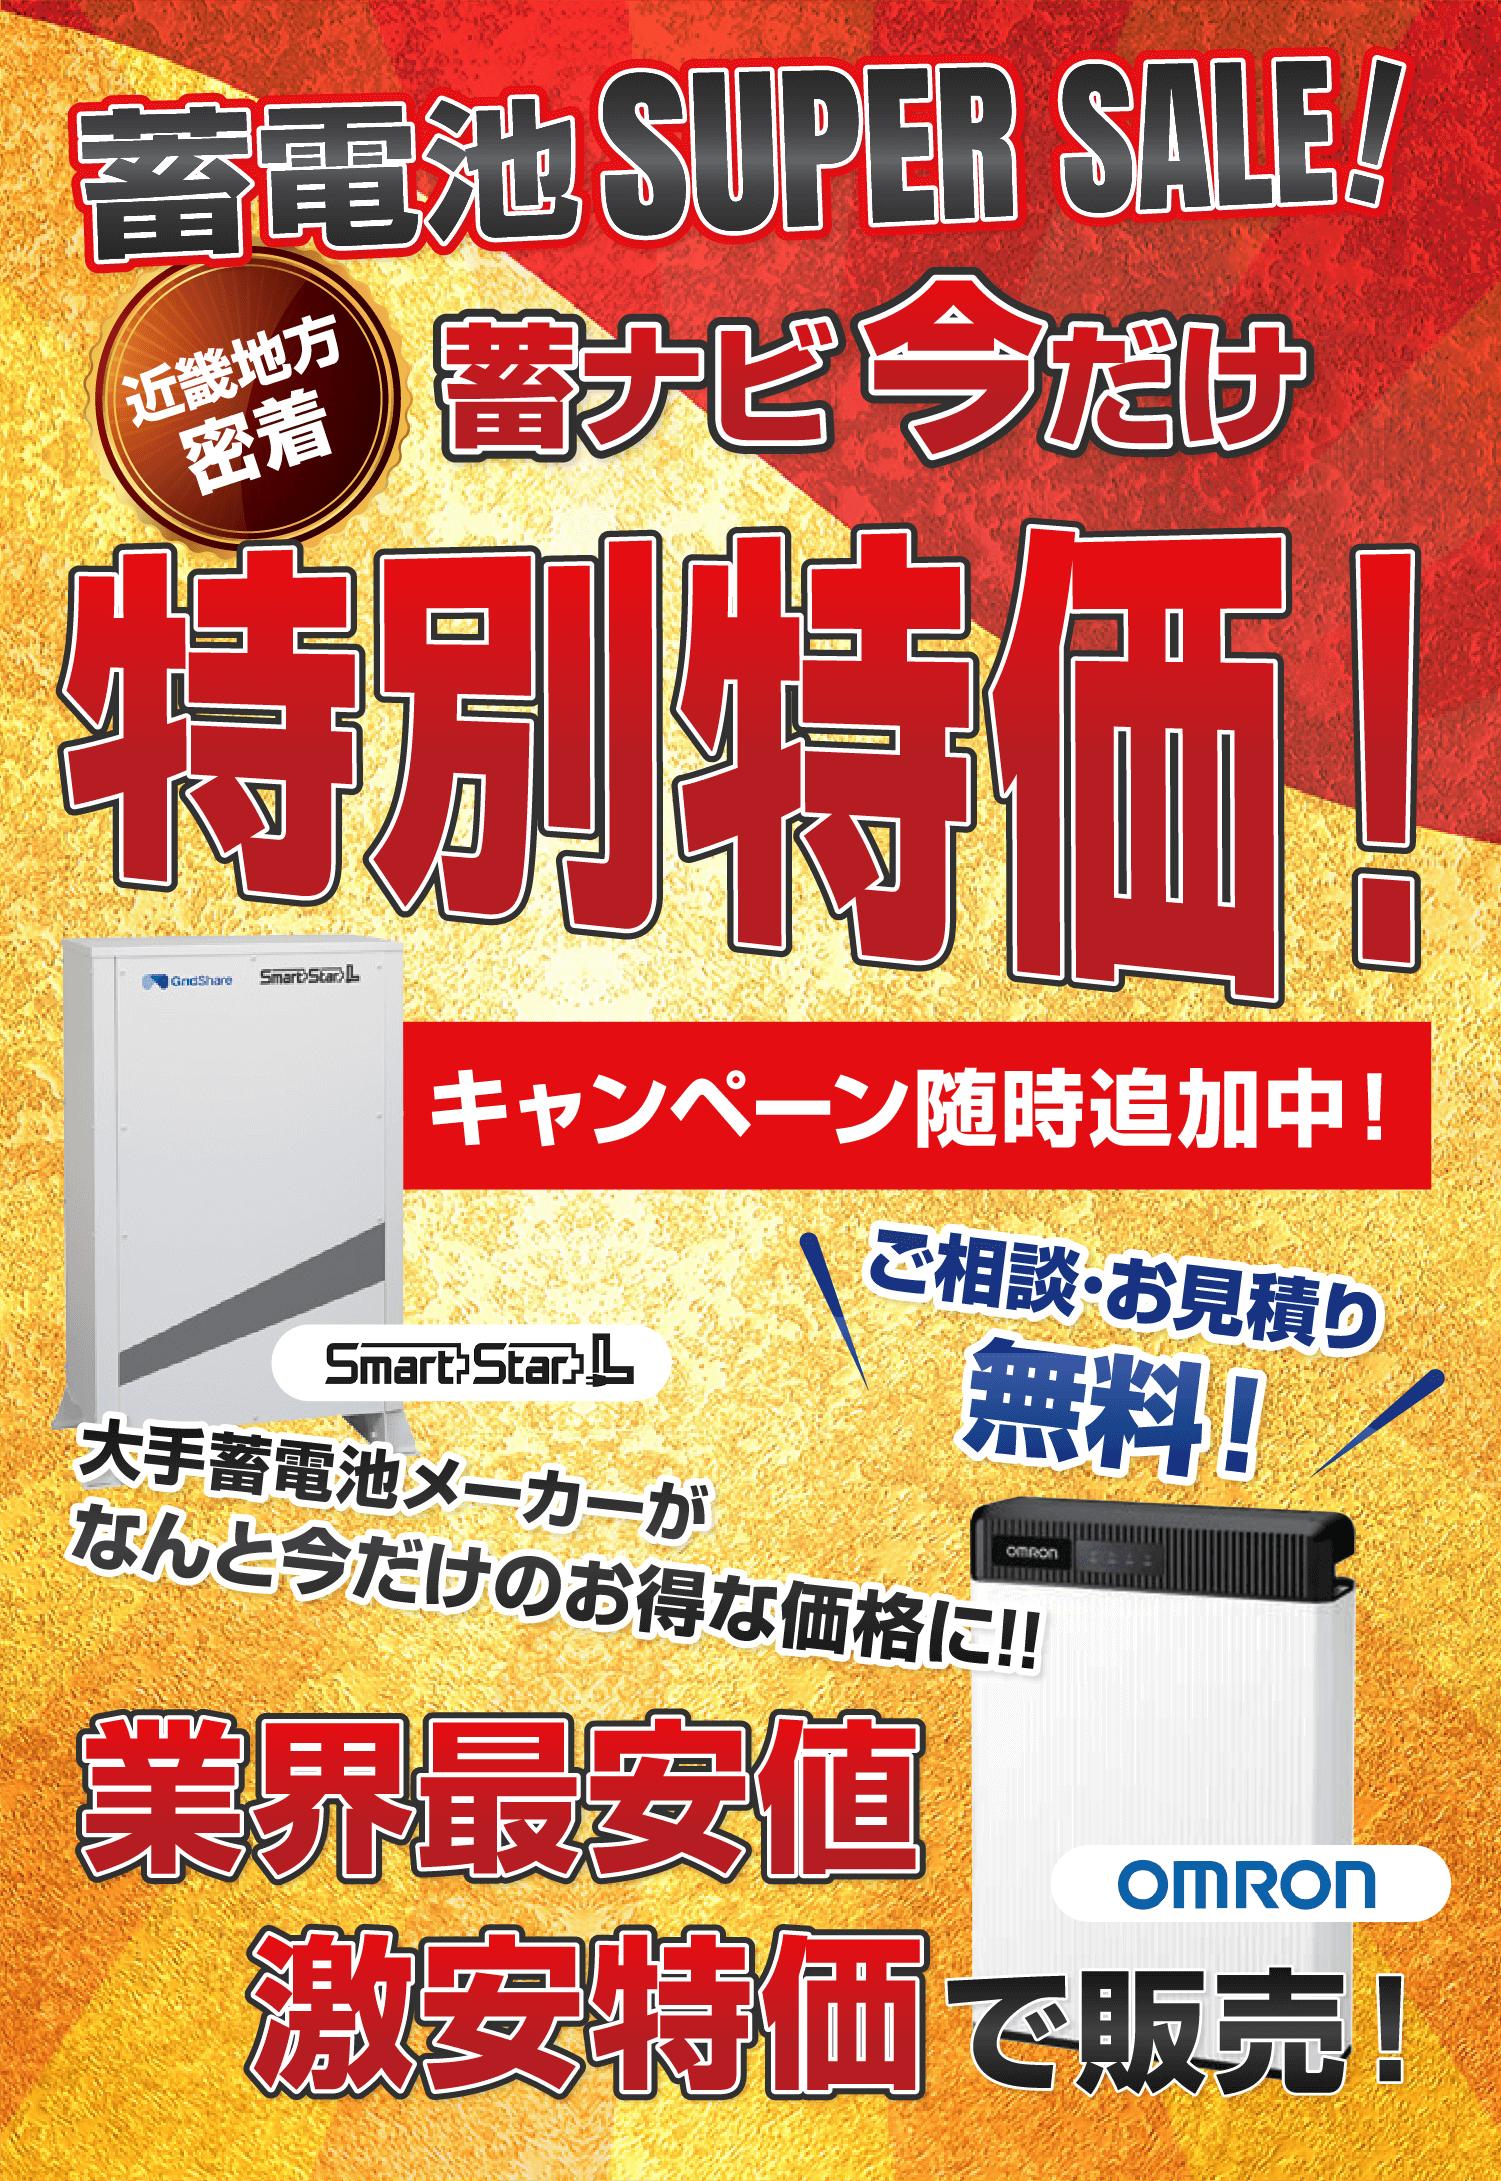 近畿地方密着蓄電池SUPER SALE!蓄ナビ今だけ特別特価!